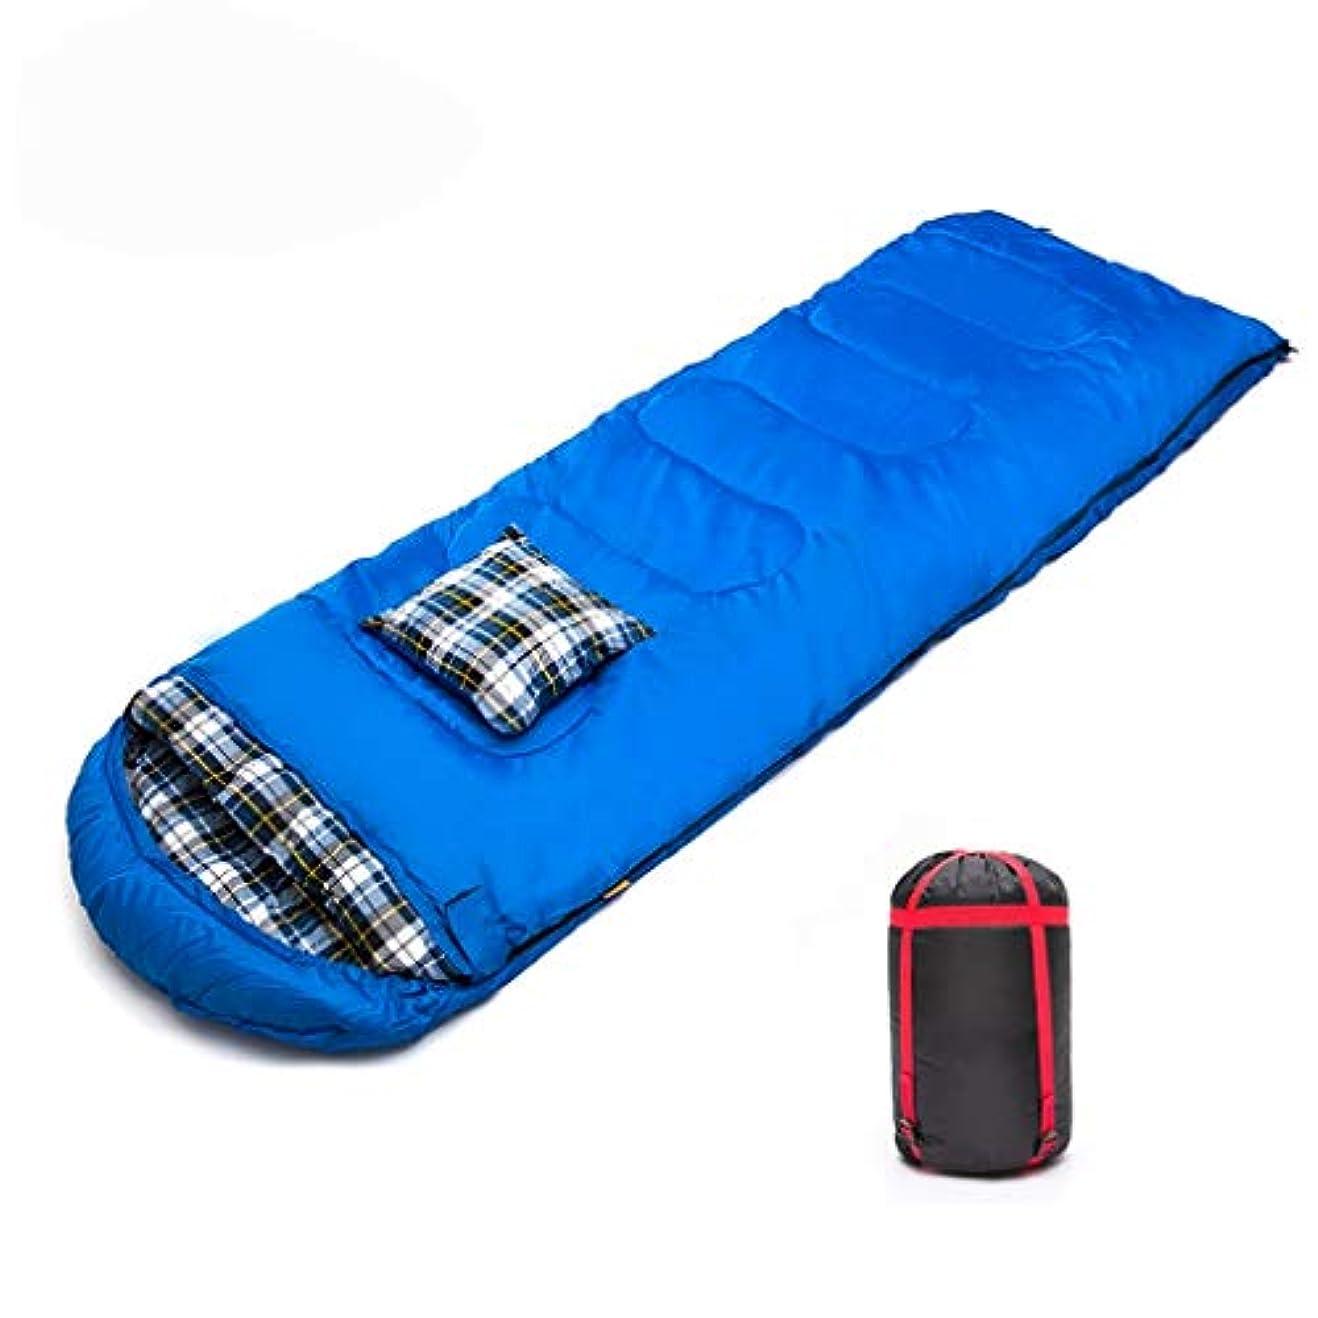 疫病ドア項目Wangjie 寝袋 圧縮袋 キャンプ用寝袋 アウトドア寝袋 旅行 キャンプ アウトドア 旅行 季節 暖かい 汚れたダウンコットン 寝袋